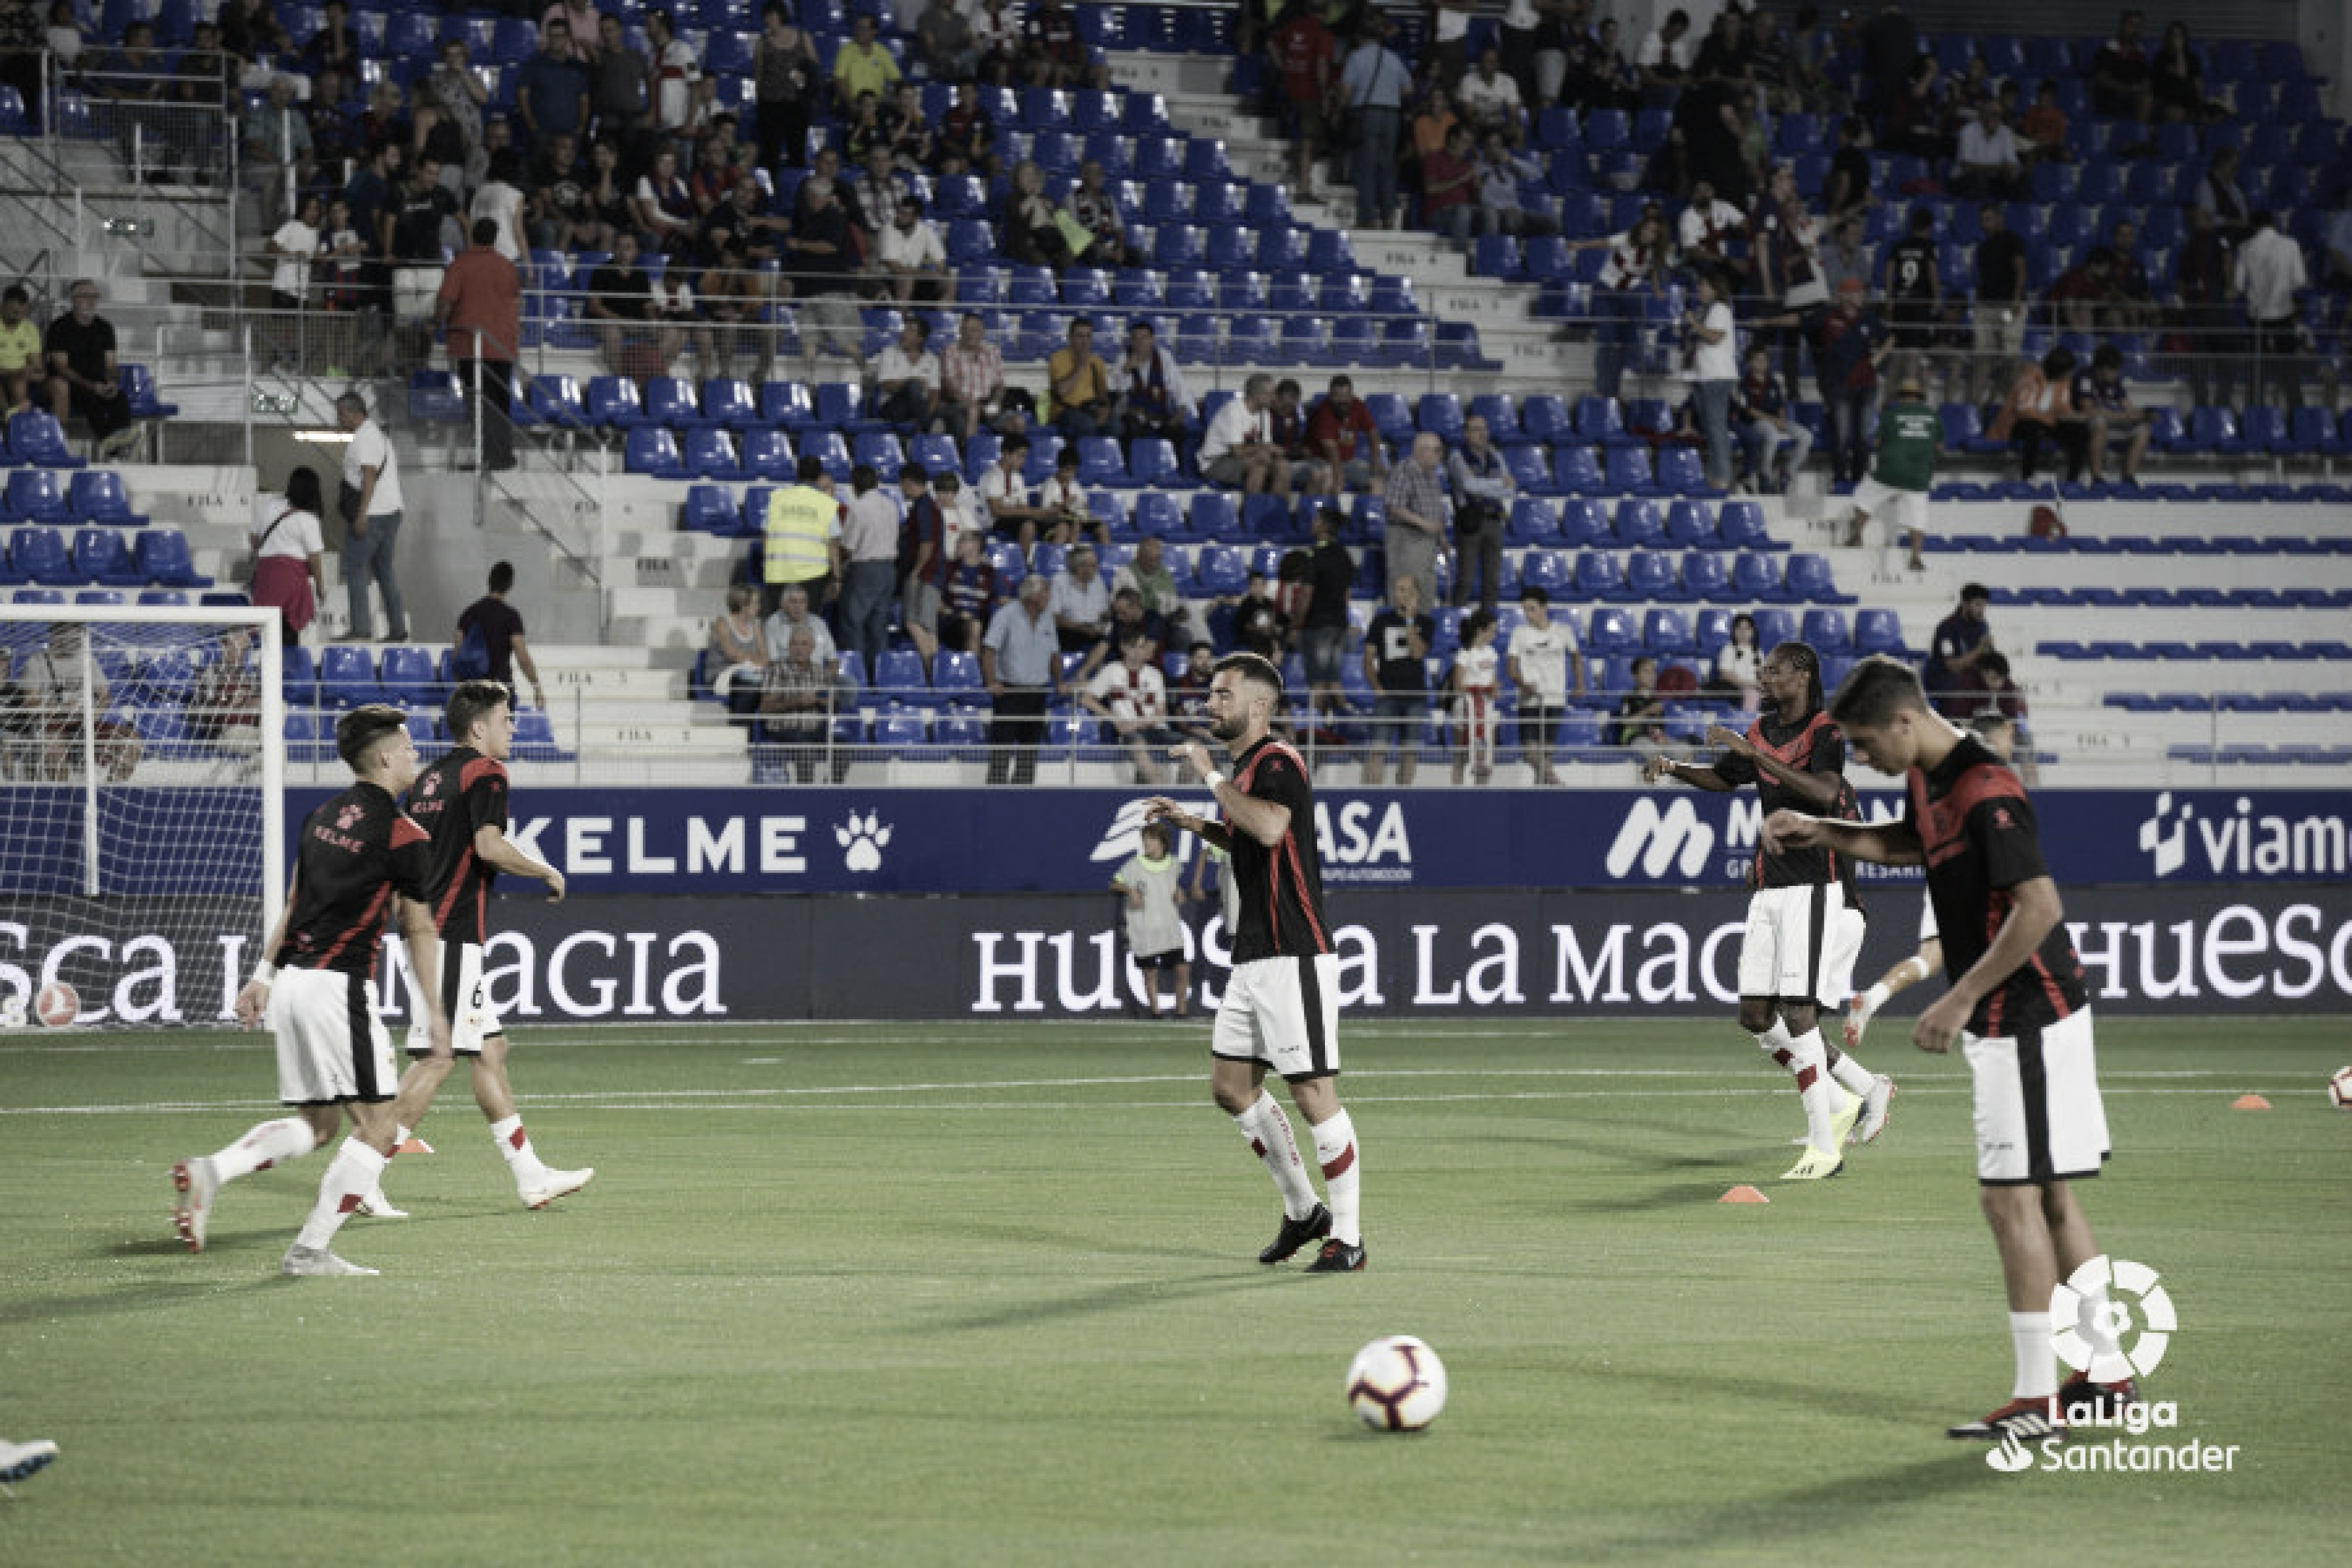 El Rayo, con el límite salarial más alto que Huesca y Valladolid